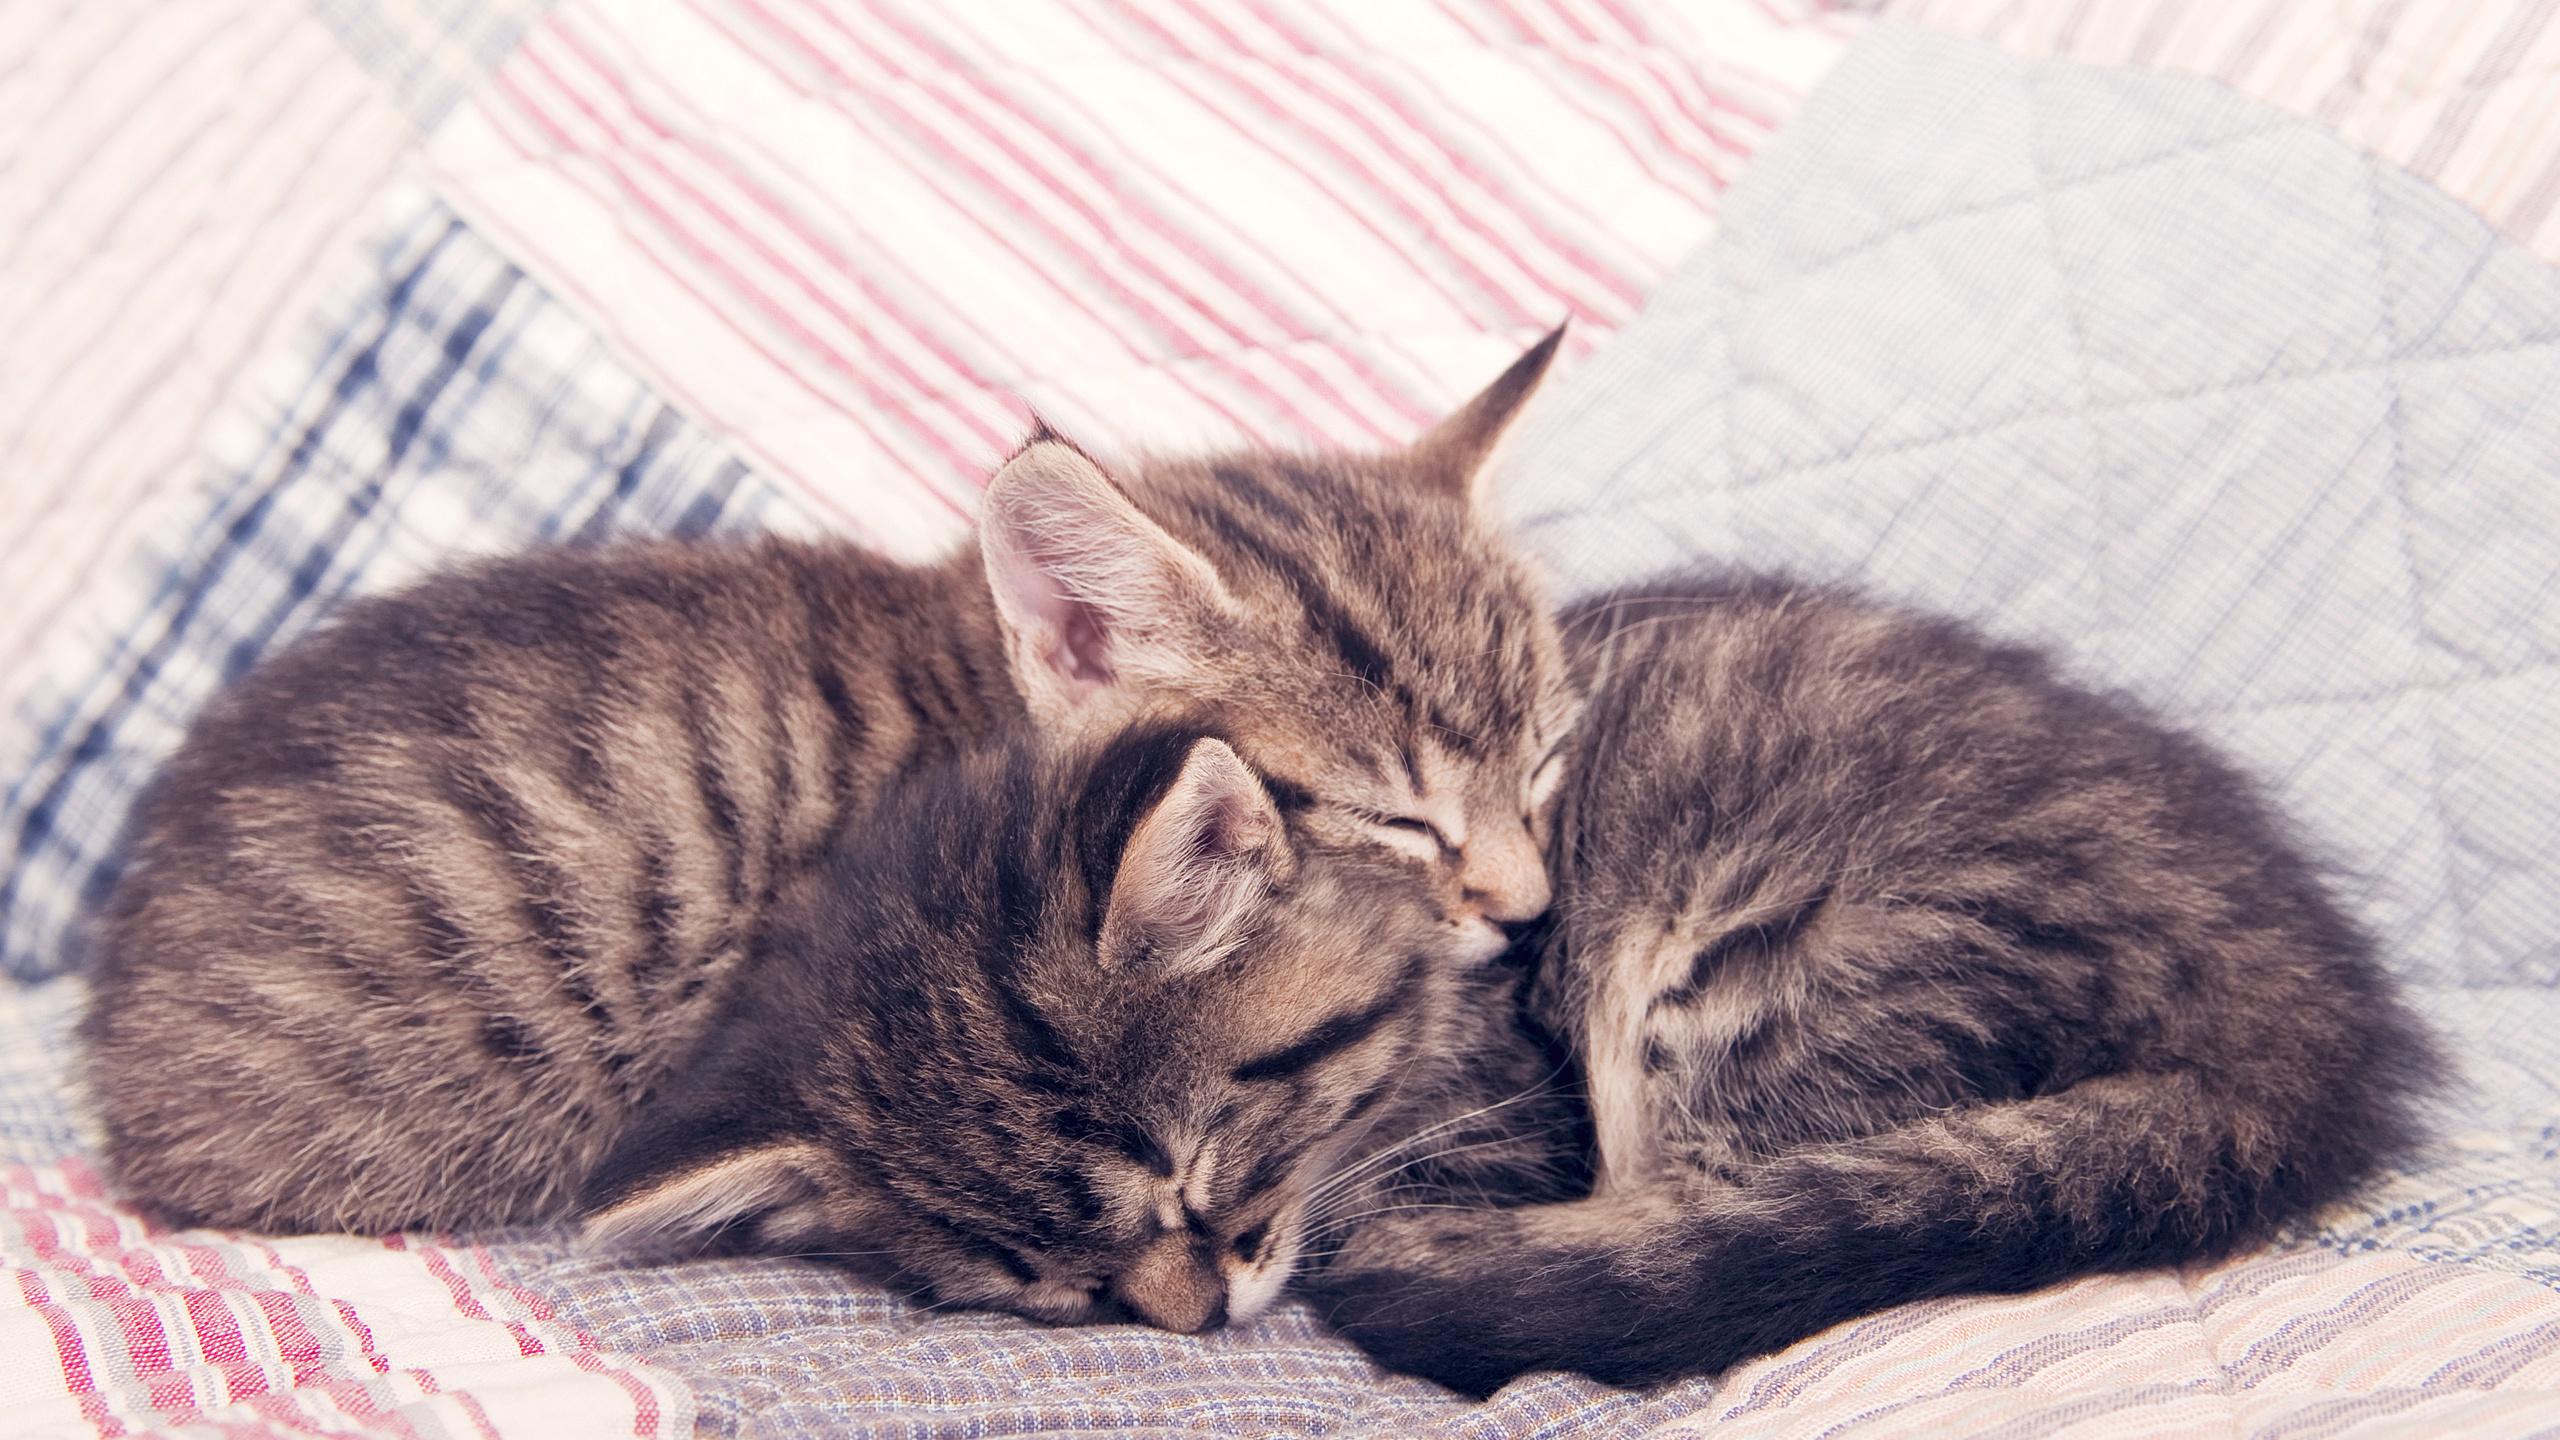 котята, кошки, коты, котики, сон, спящие котята, спокойствие, уют, нежность, малыши, домашние животные, одеяло